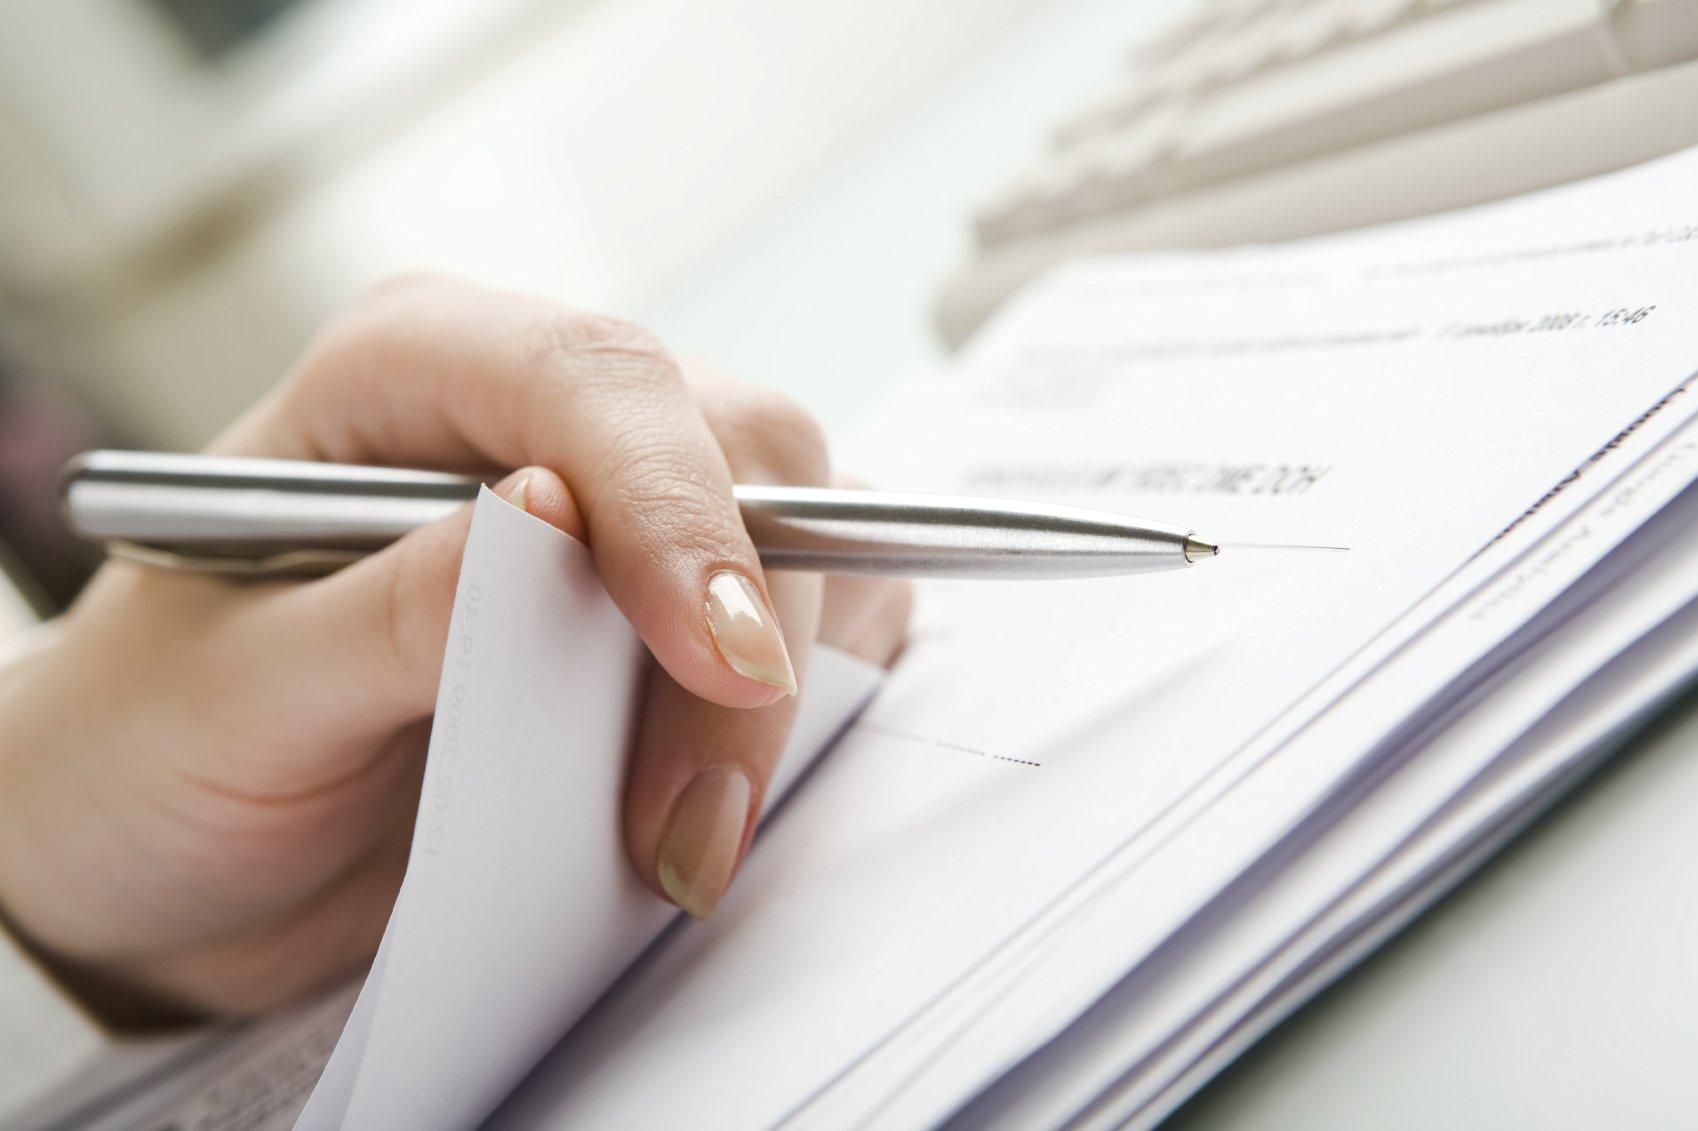 Anlagenüberprüfung und E-Befunde